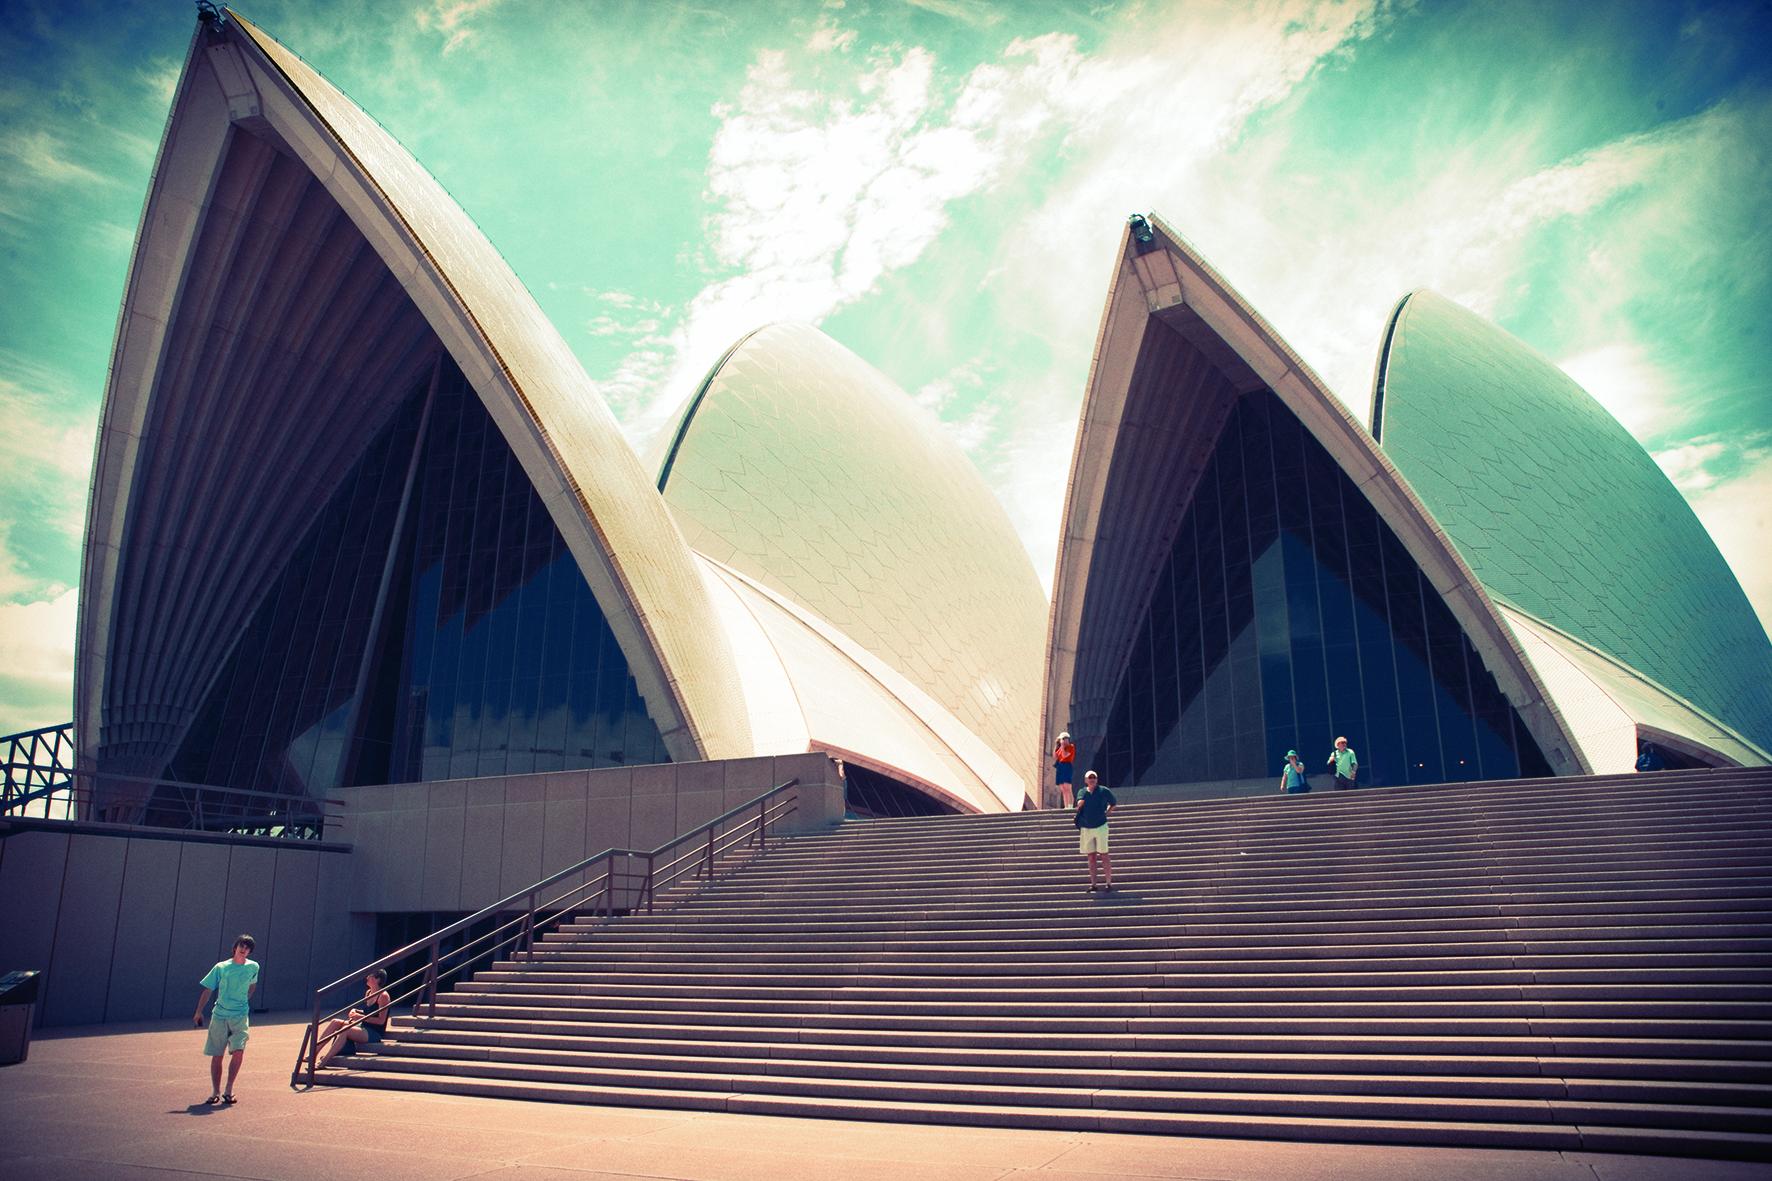 シドニーの街の様子